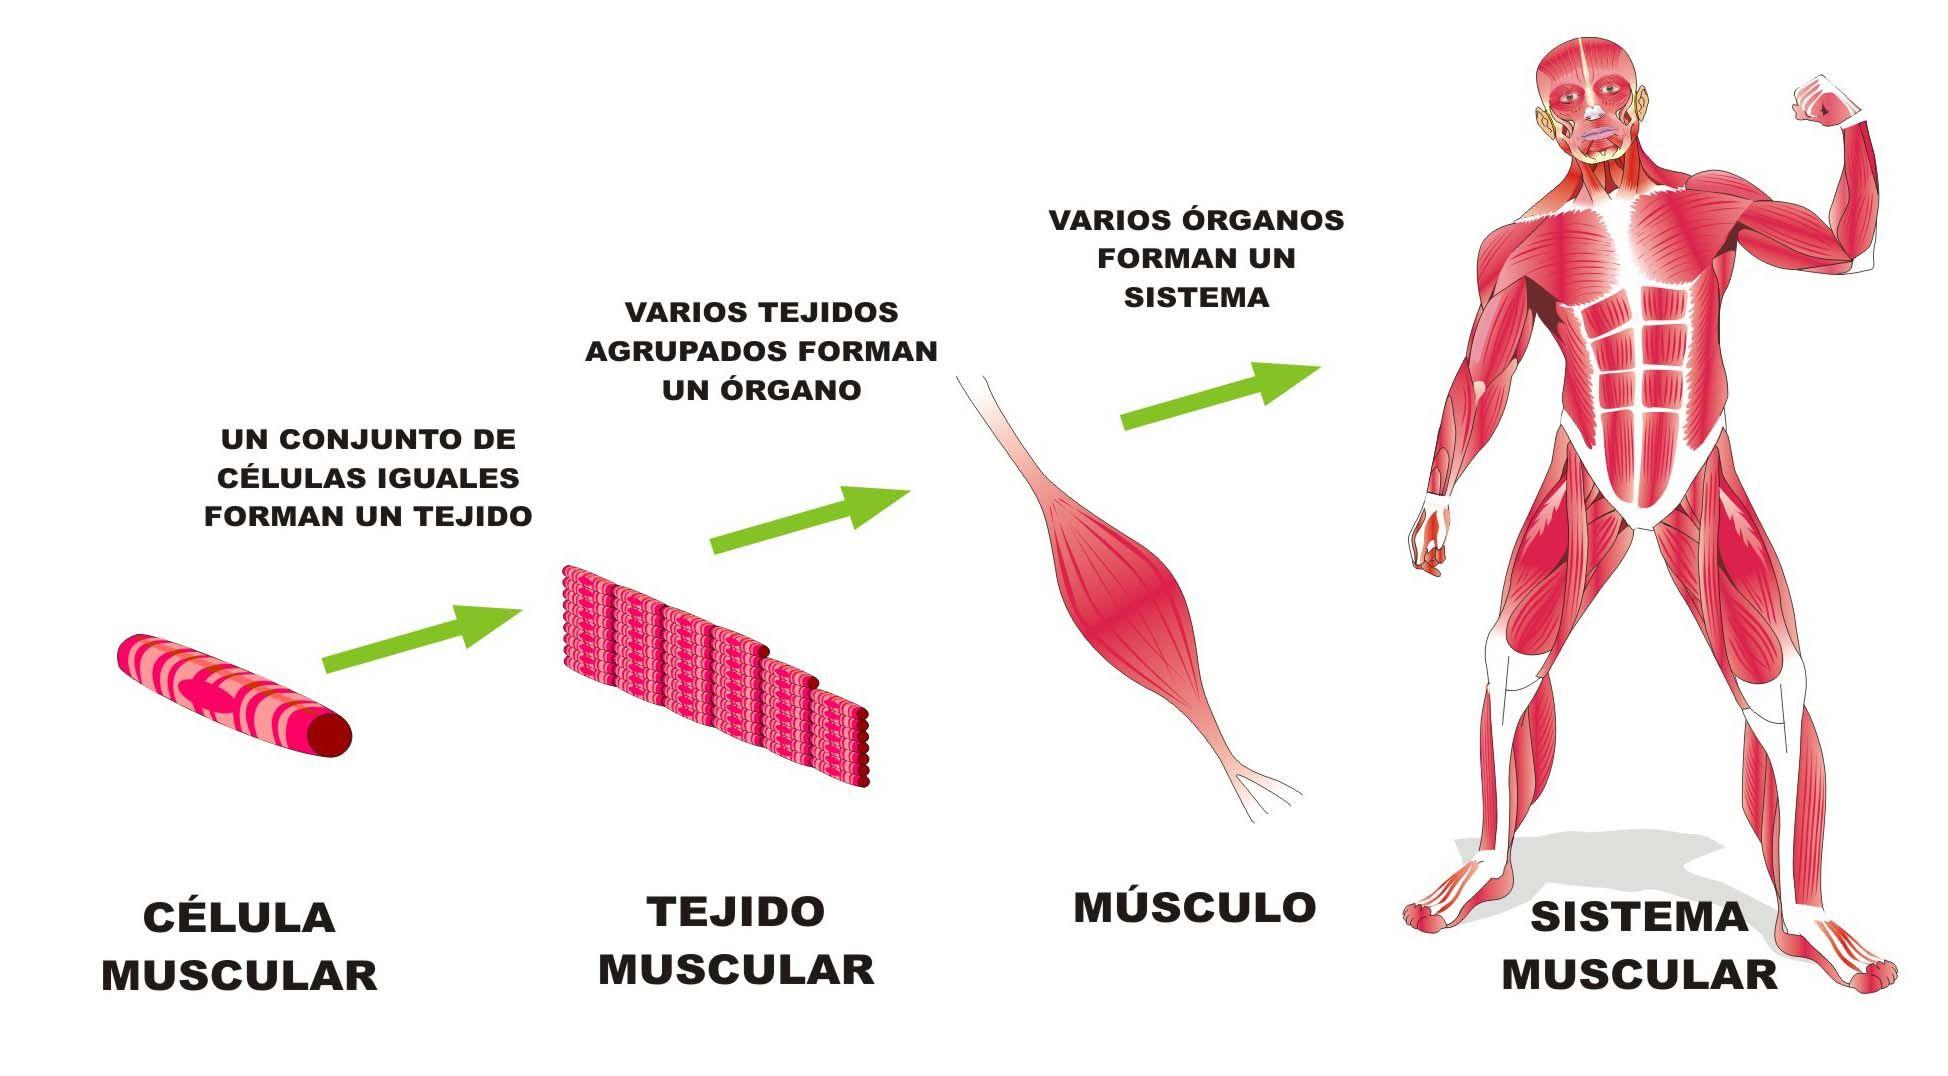 Organismo pluricelular | Organizacion de la materia, Cuadernos interactivos  de ciencias, Clases de celulas